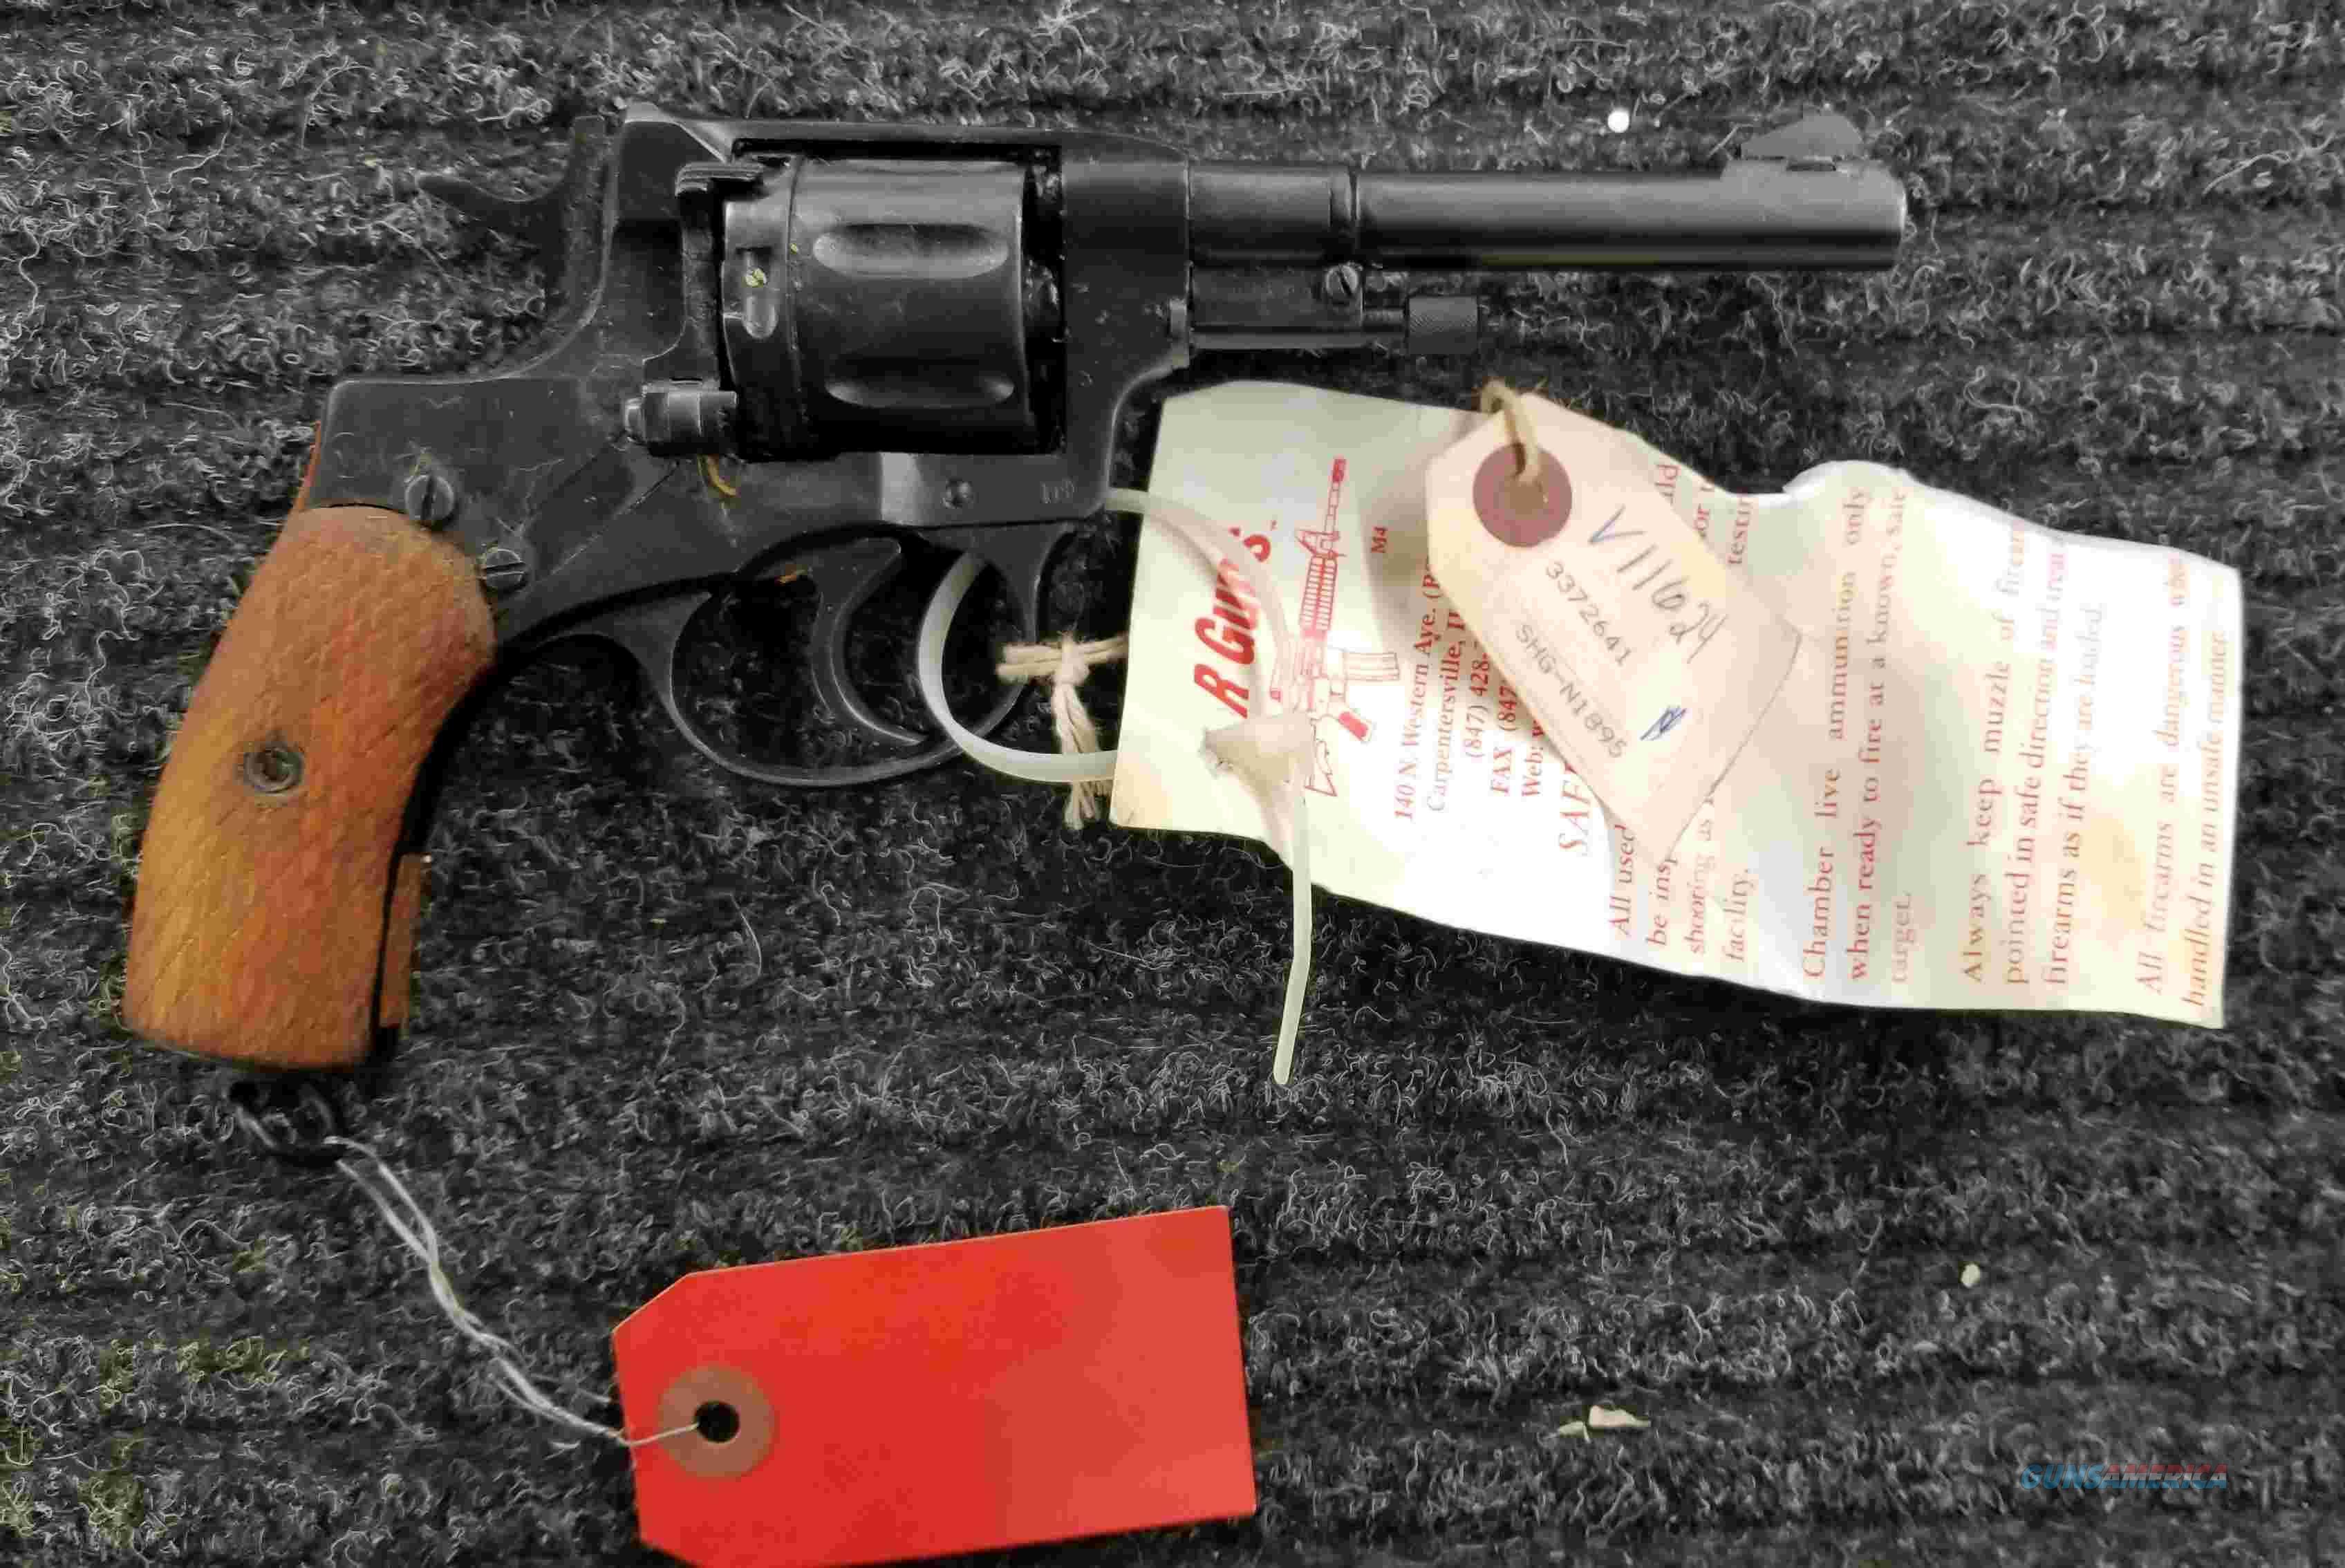 Nagant 1895 Revolver - 1932 Tula - 7 62X38 - Holster - Free Shipping